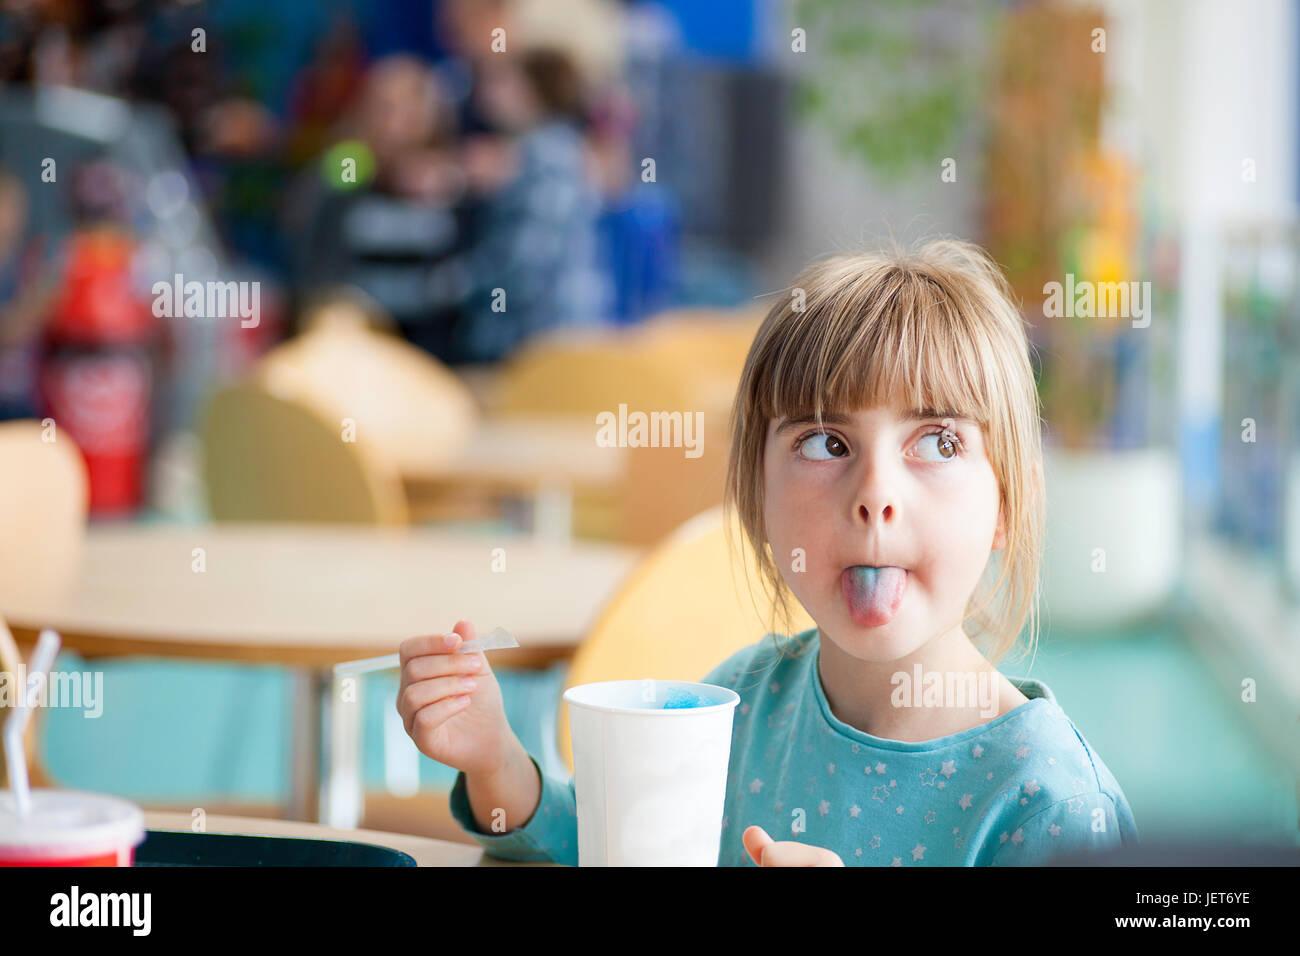 Bonitinha menina loira emperrando ou enfiar a língua de fora com o azul gelo triturado bebida no brilhantemente Imagens de Stock